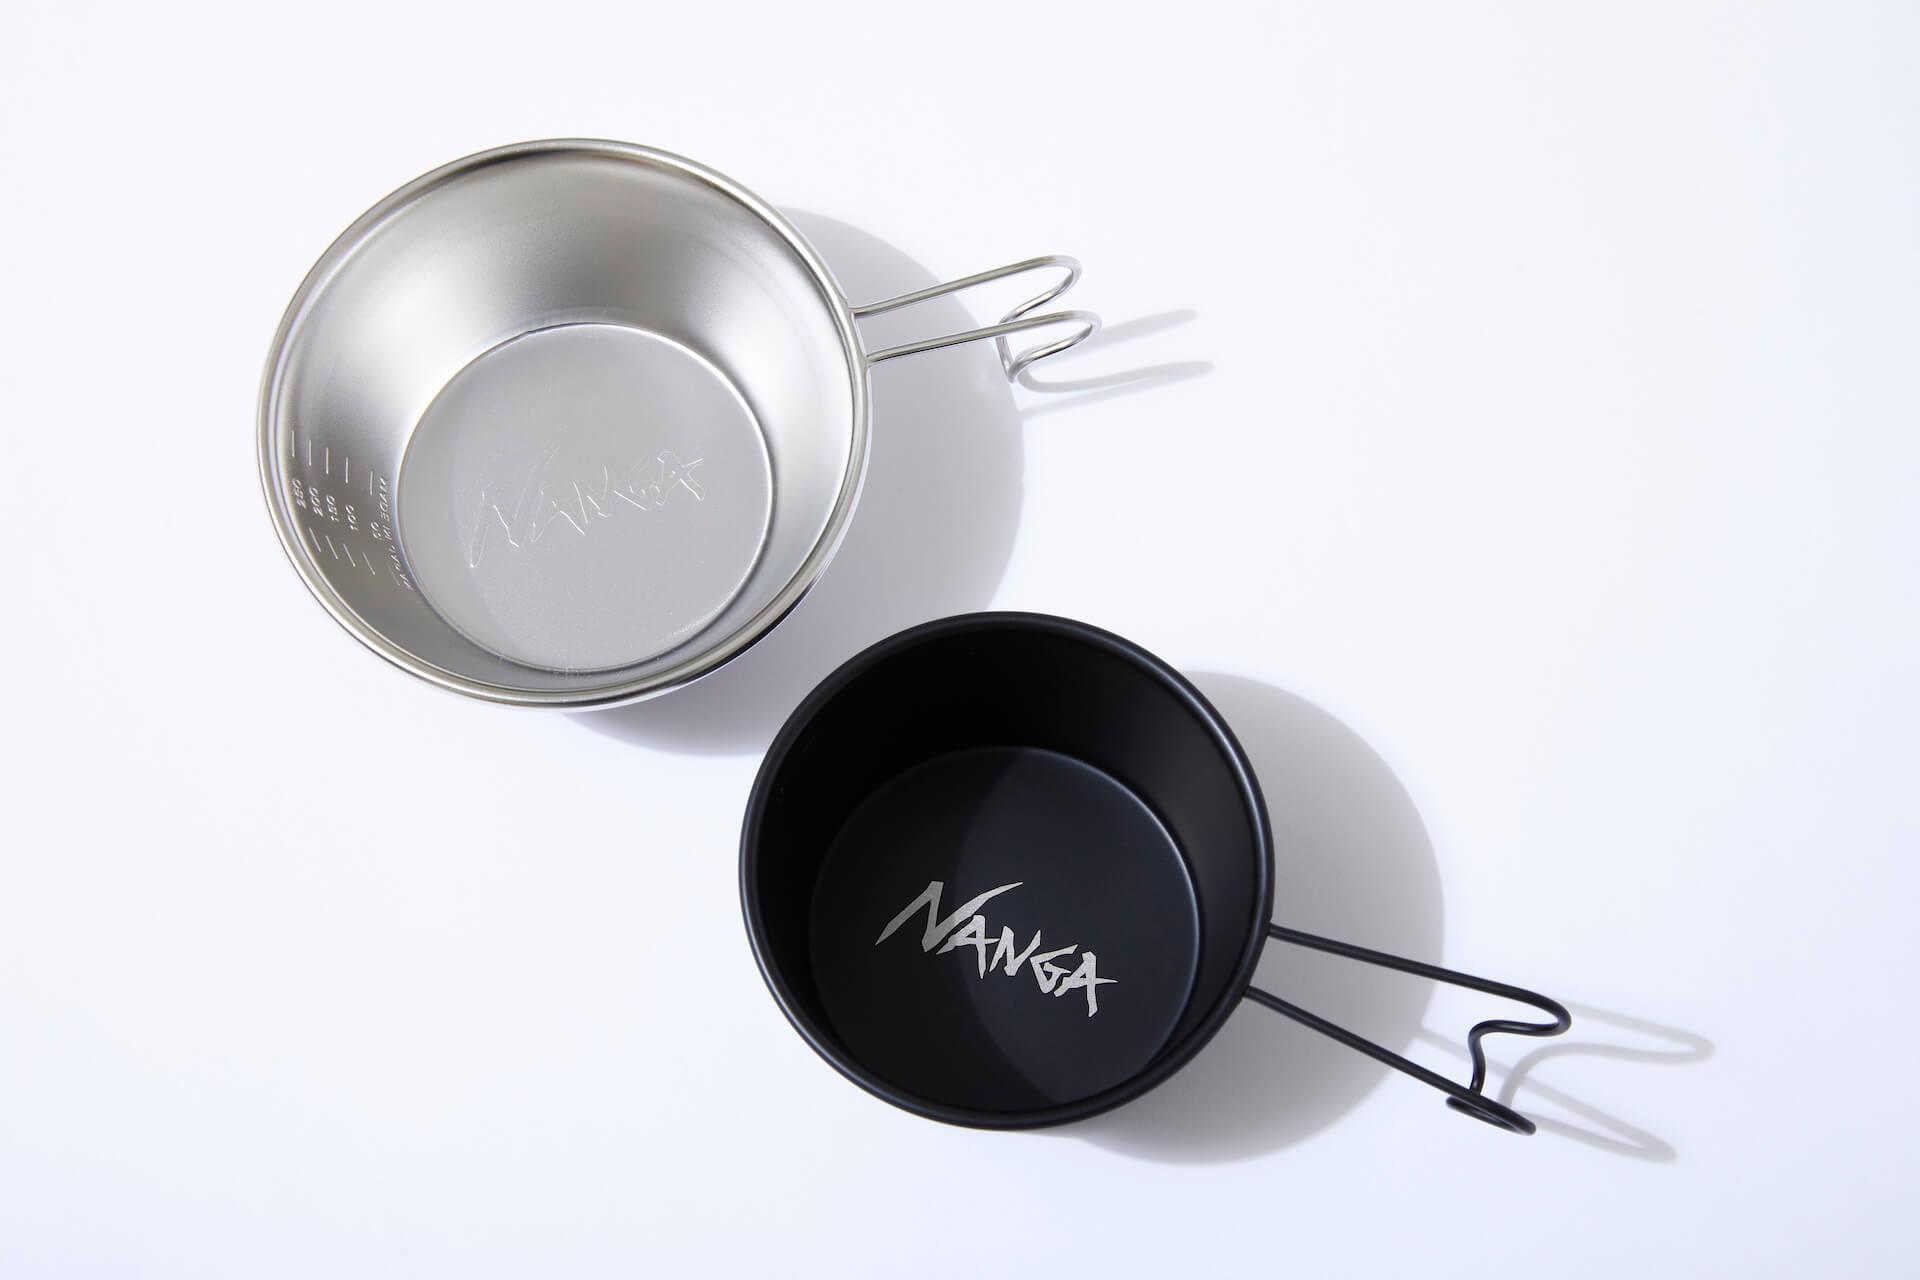 ダウンプロダクトメーカーのNANGAがGO OUT Onlineを完全ジャック!豪華アイテムが抽選で当たるプレゼント企画も fashion211012_nanga-011